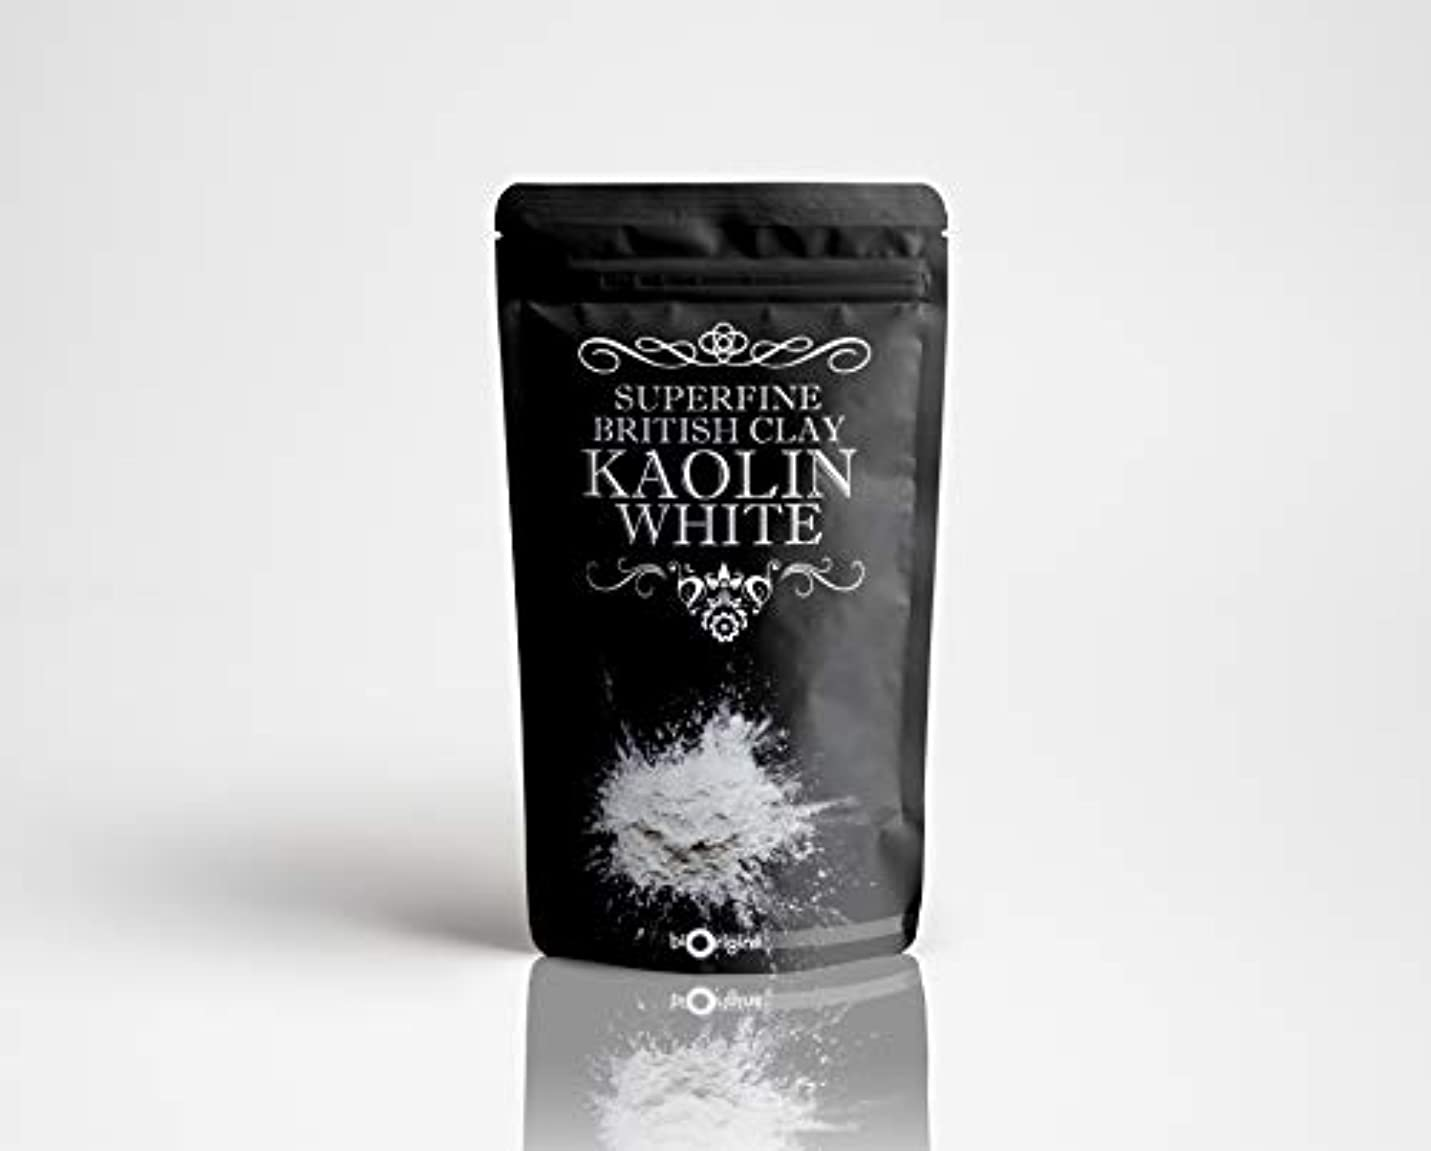 待つトークン早いKaolin White Superfine British Clay - 100g